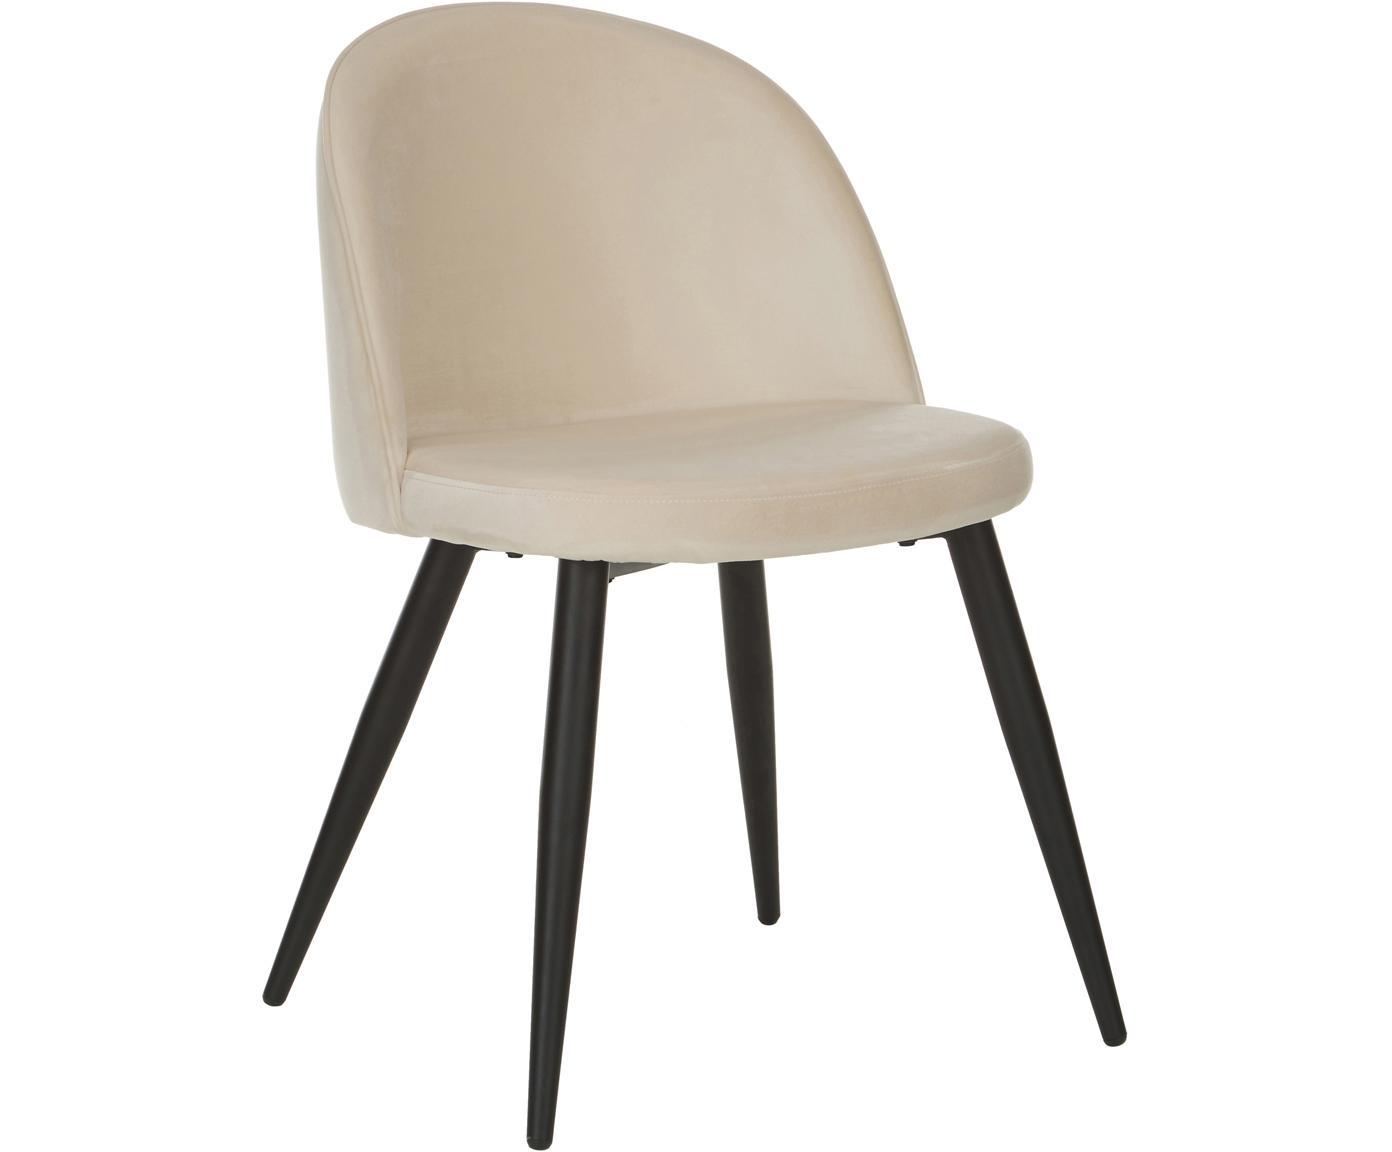 Krzesło tapicerowane z aksamitu  Amy, 2 szt., Tapicerka: aksamit (poliester) 2500, Nogi: metal malowany proszkowo, Kremowobiały, S 51 x G 55 cm